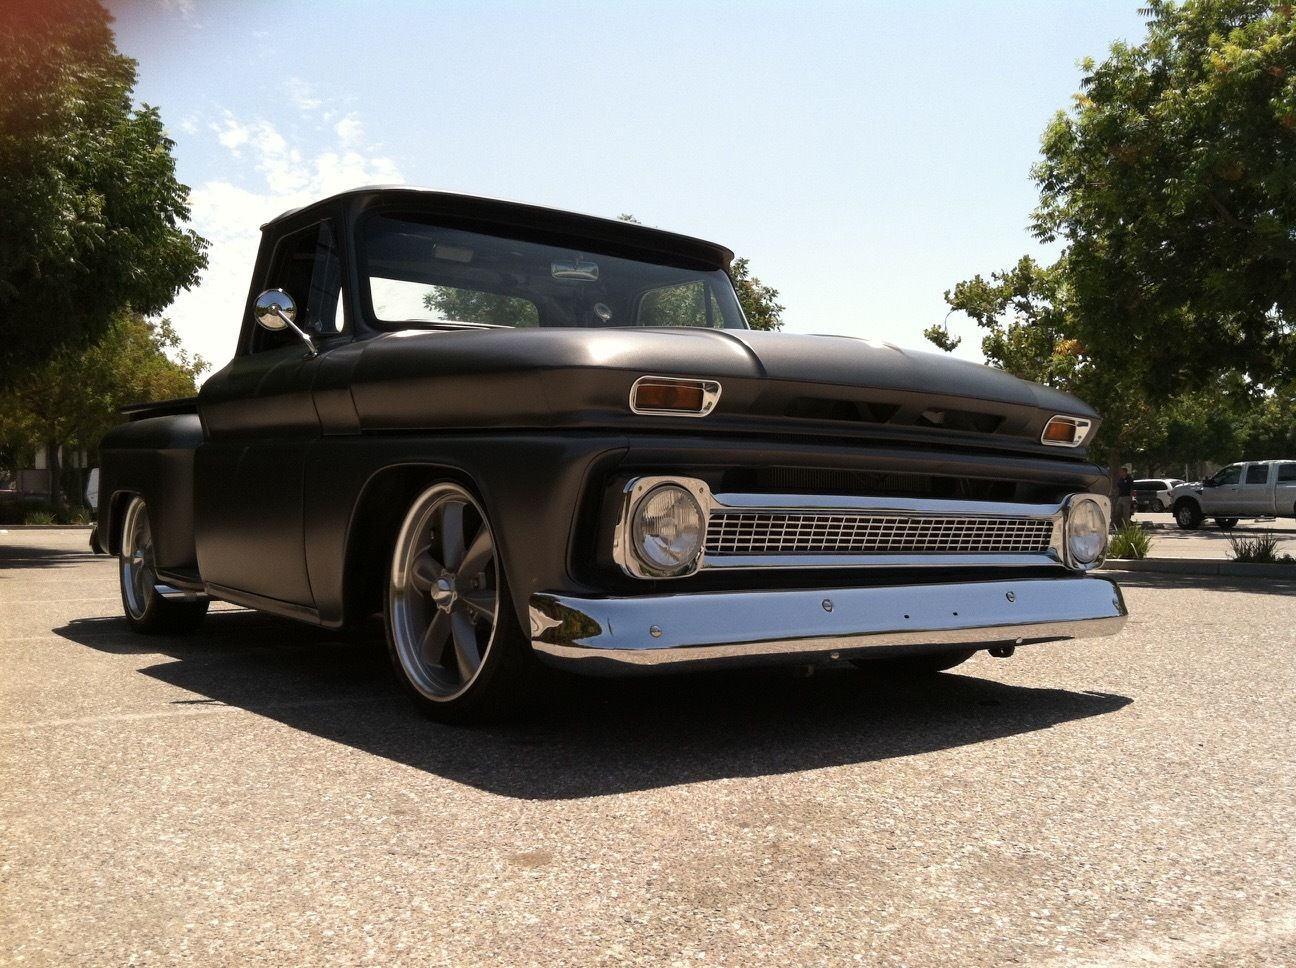 full restoration 1965 chevrolet c 10 stepside custom truck for sale. Black Bedroom Furniture Sets. Home Design Ideas